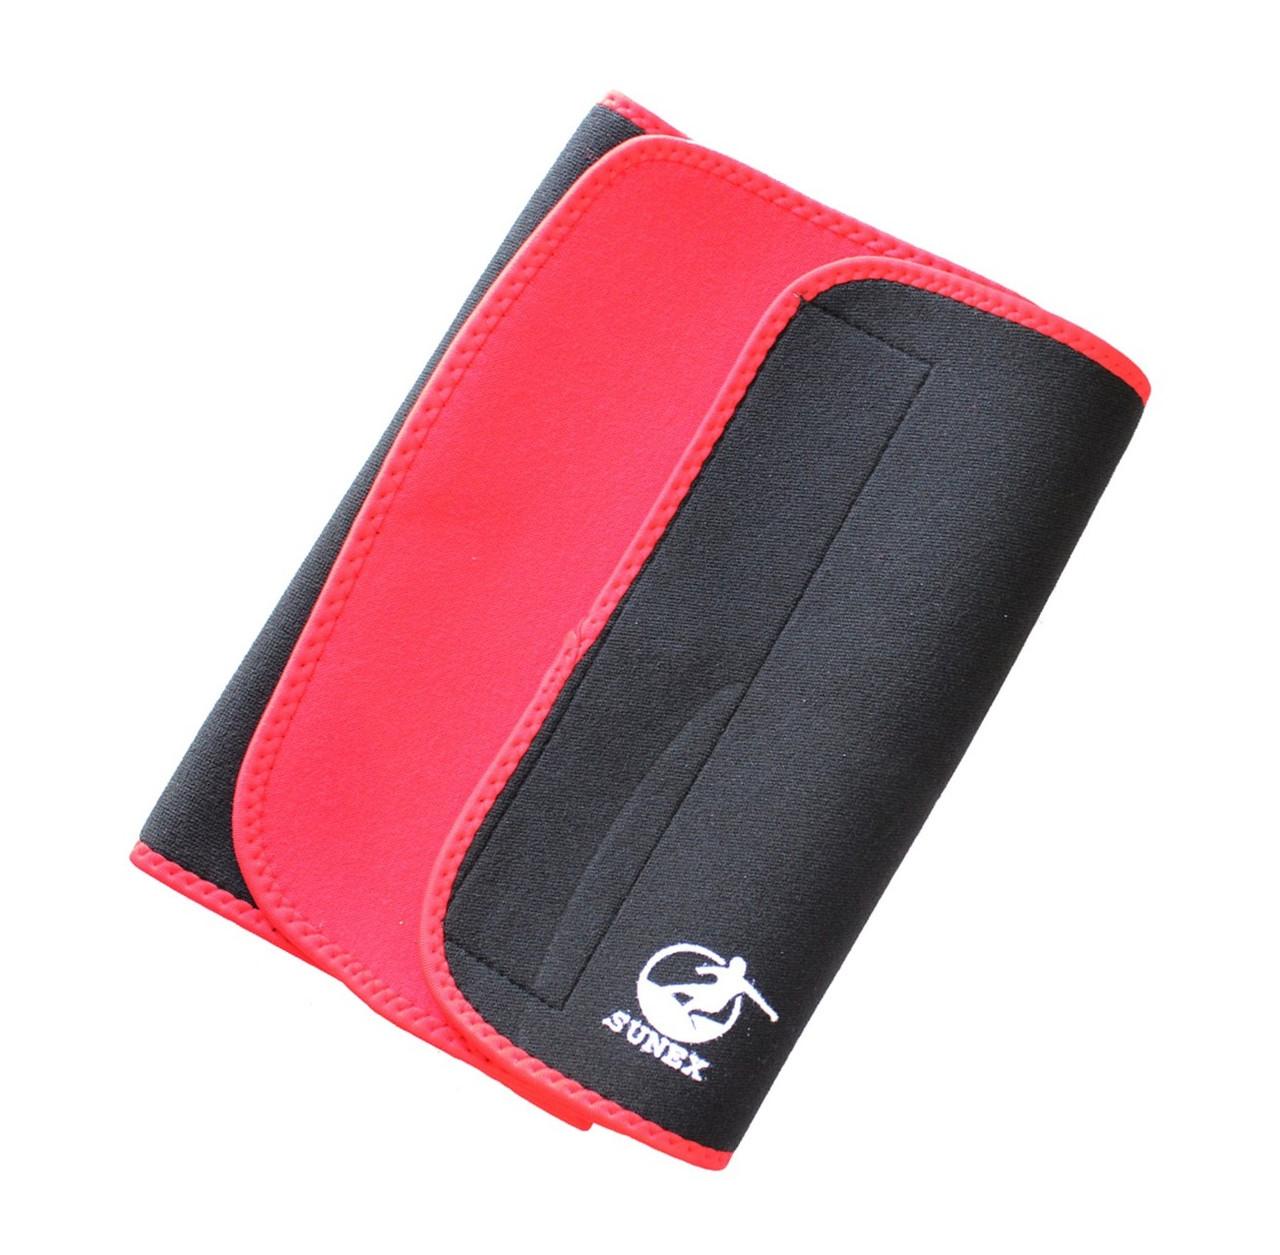 Пояс для похудения Sunex, 130*28*0.5 см, черный с красным